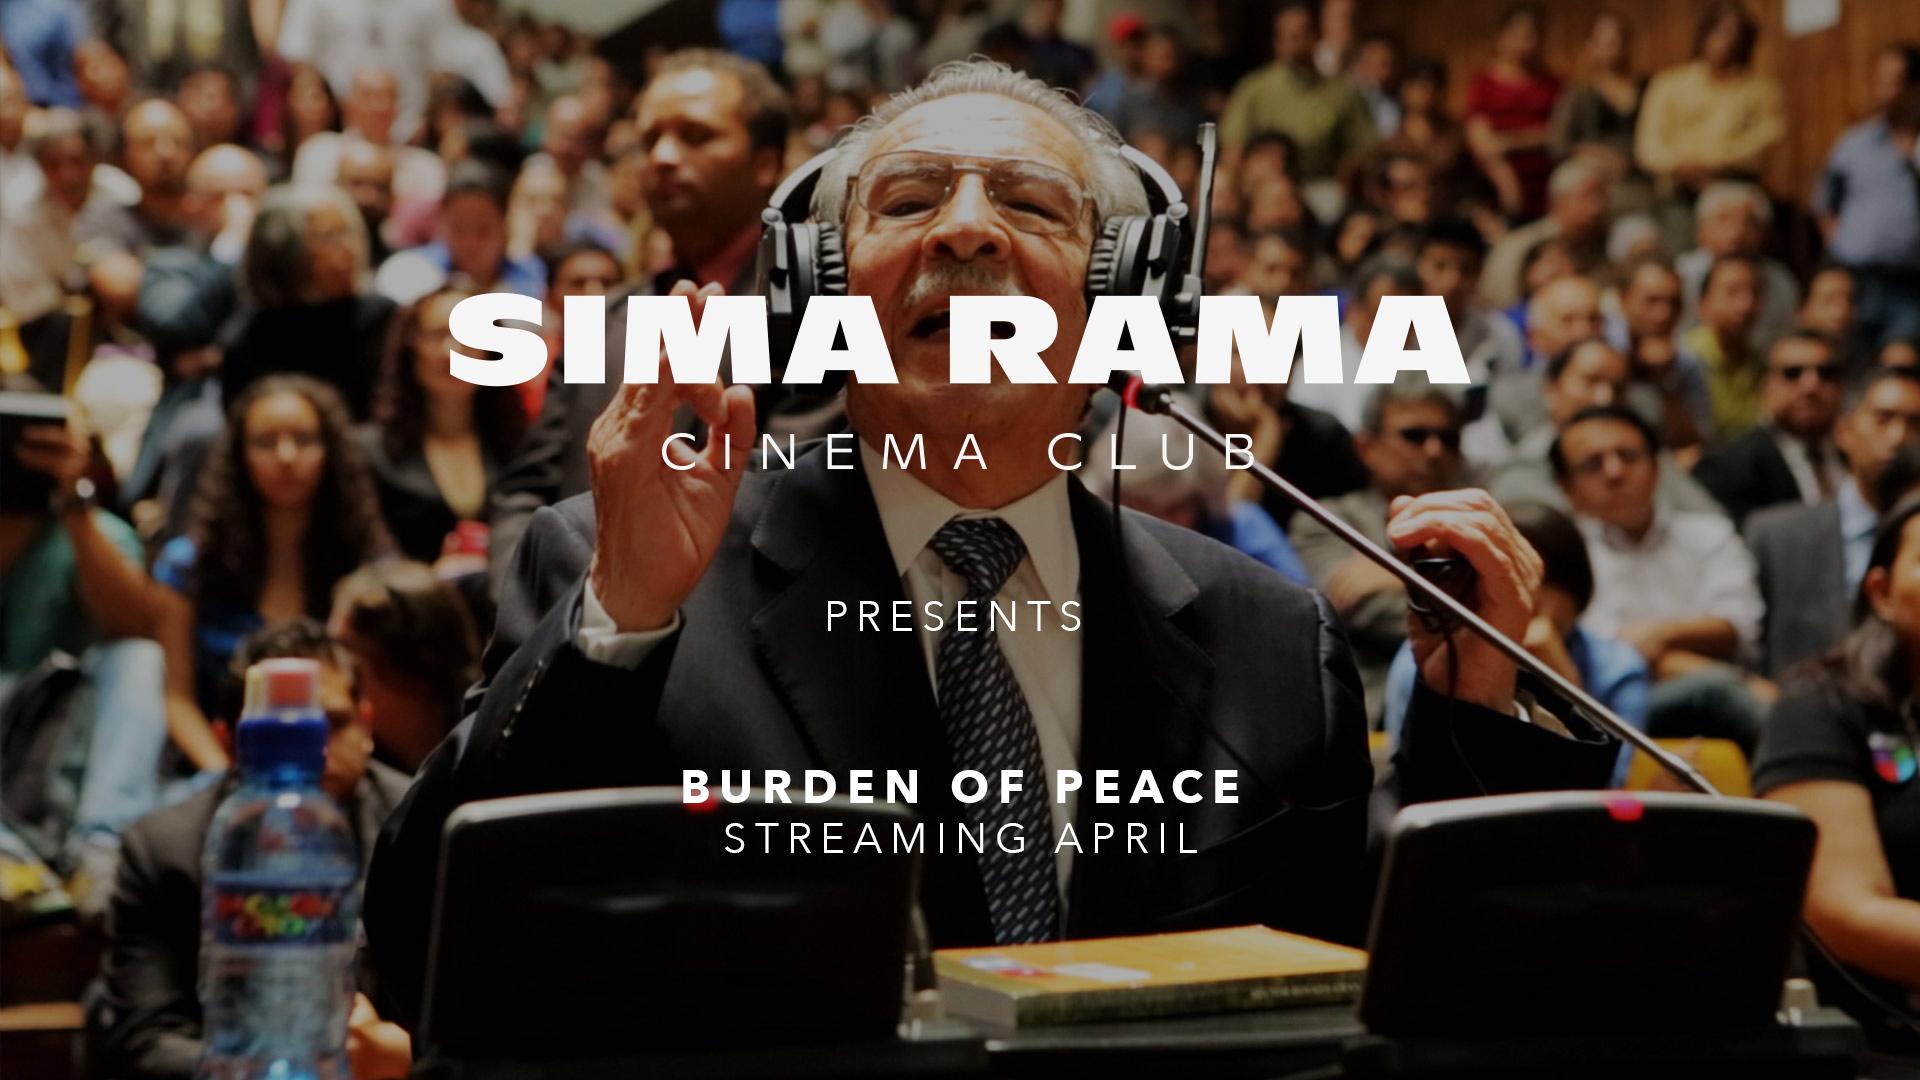 sima-rama-FB-EVENT_Burden-of-Peace.jpg